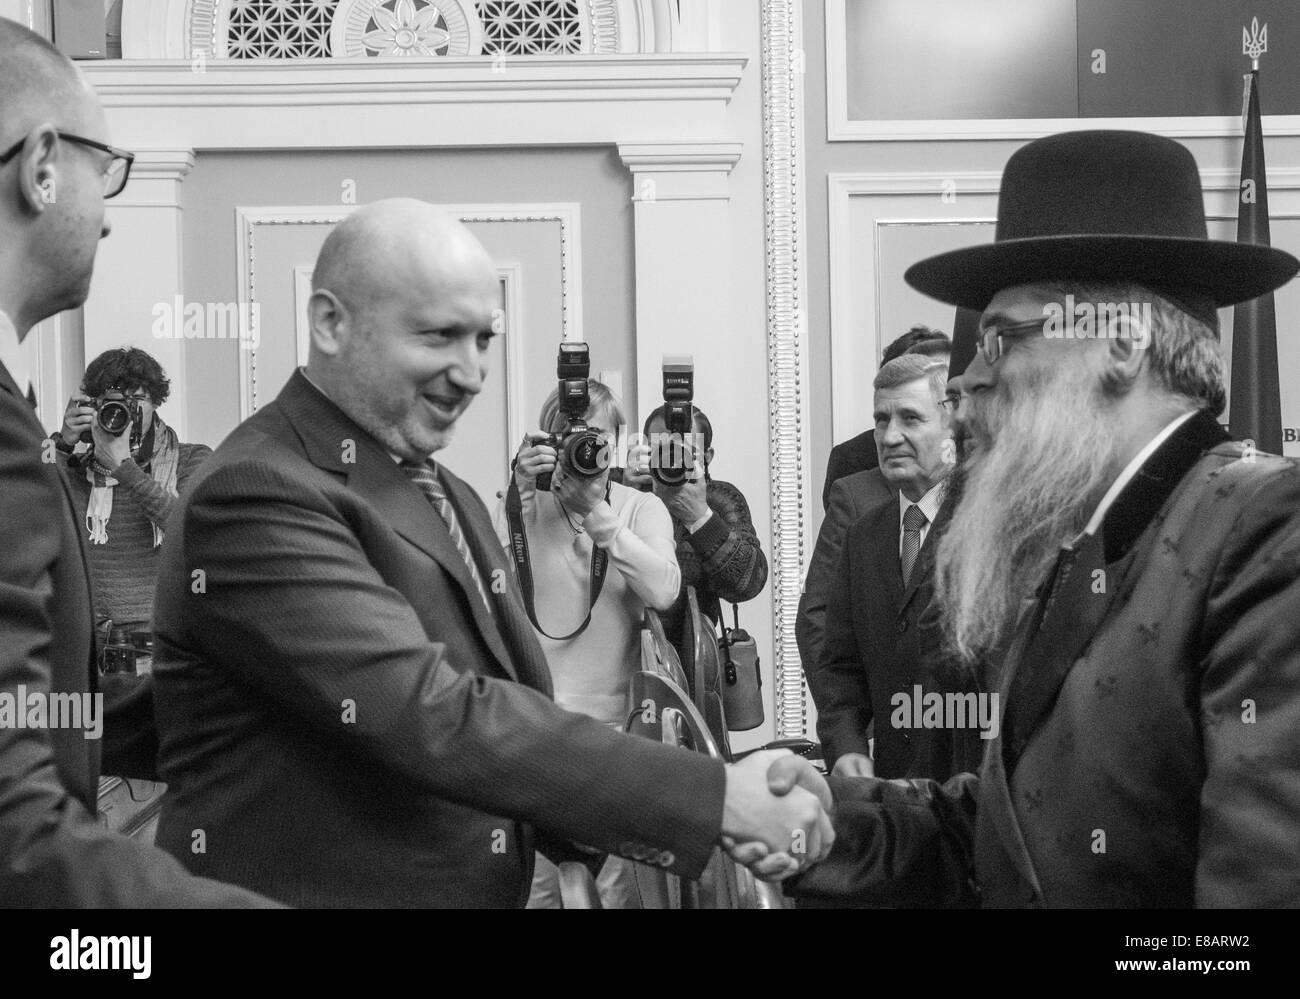 3 octobre 2014 - Le Premier Ministre d'Ukraine Arseni Iatseniouk et président de la Verkhovna Rada de Lukraine Photo Stock